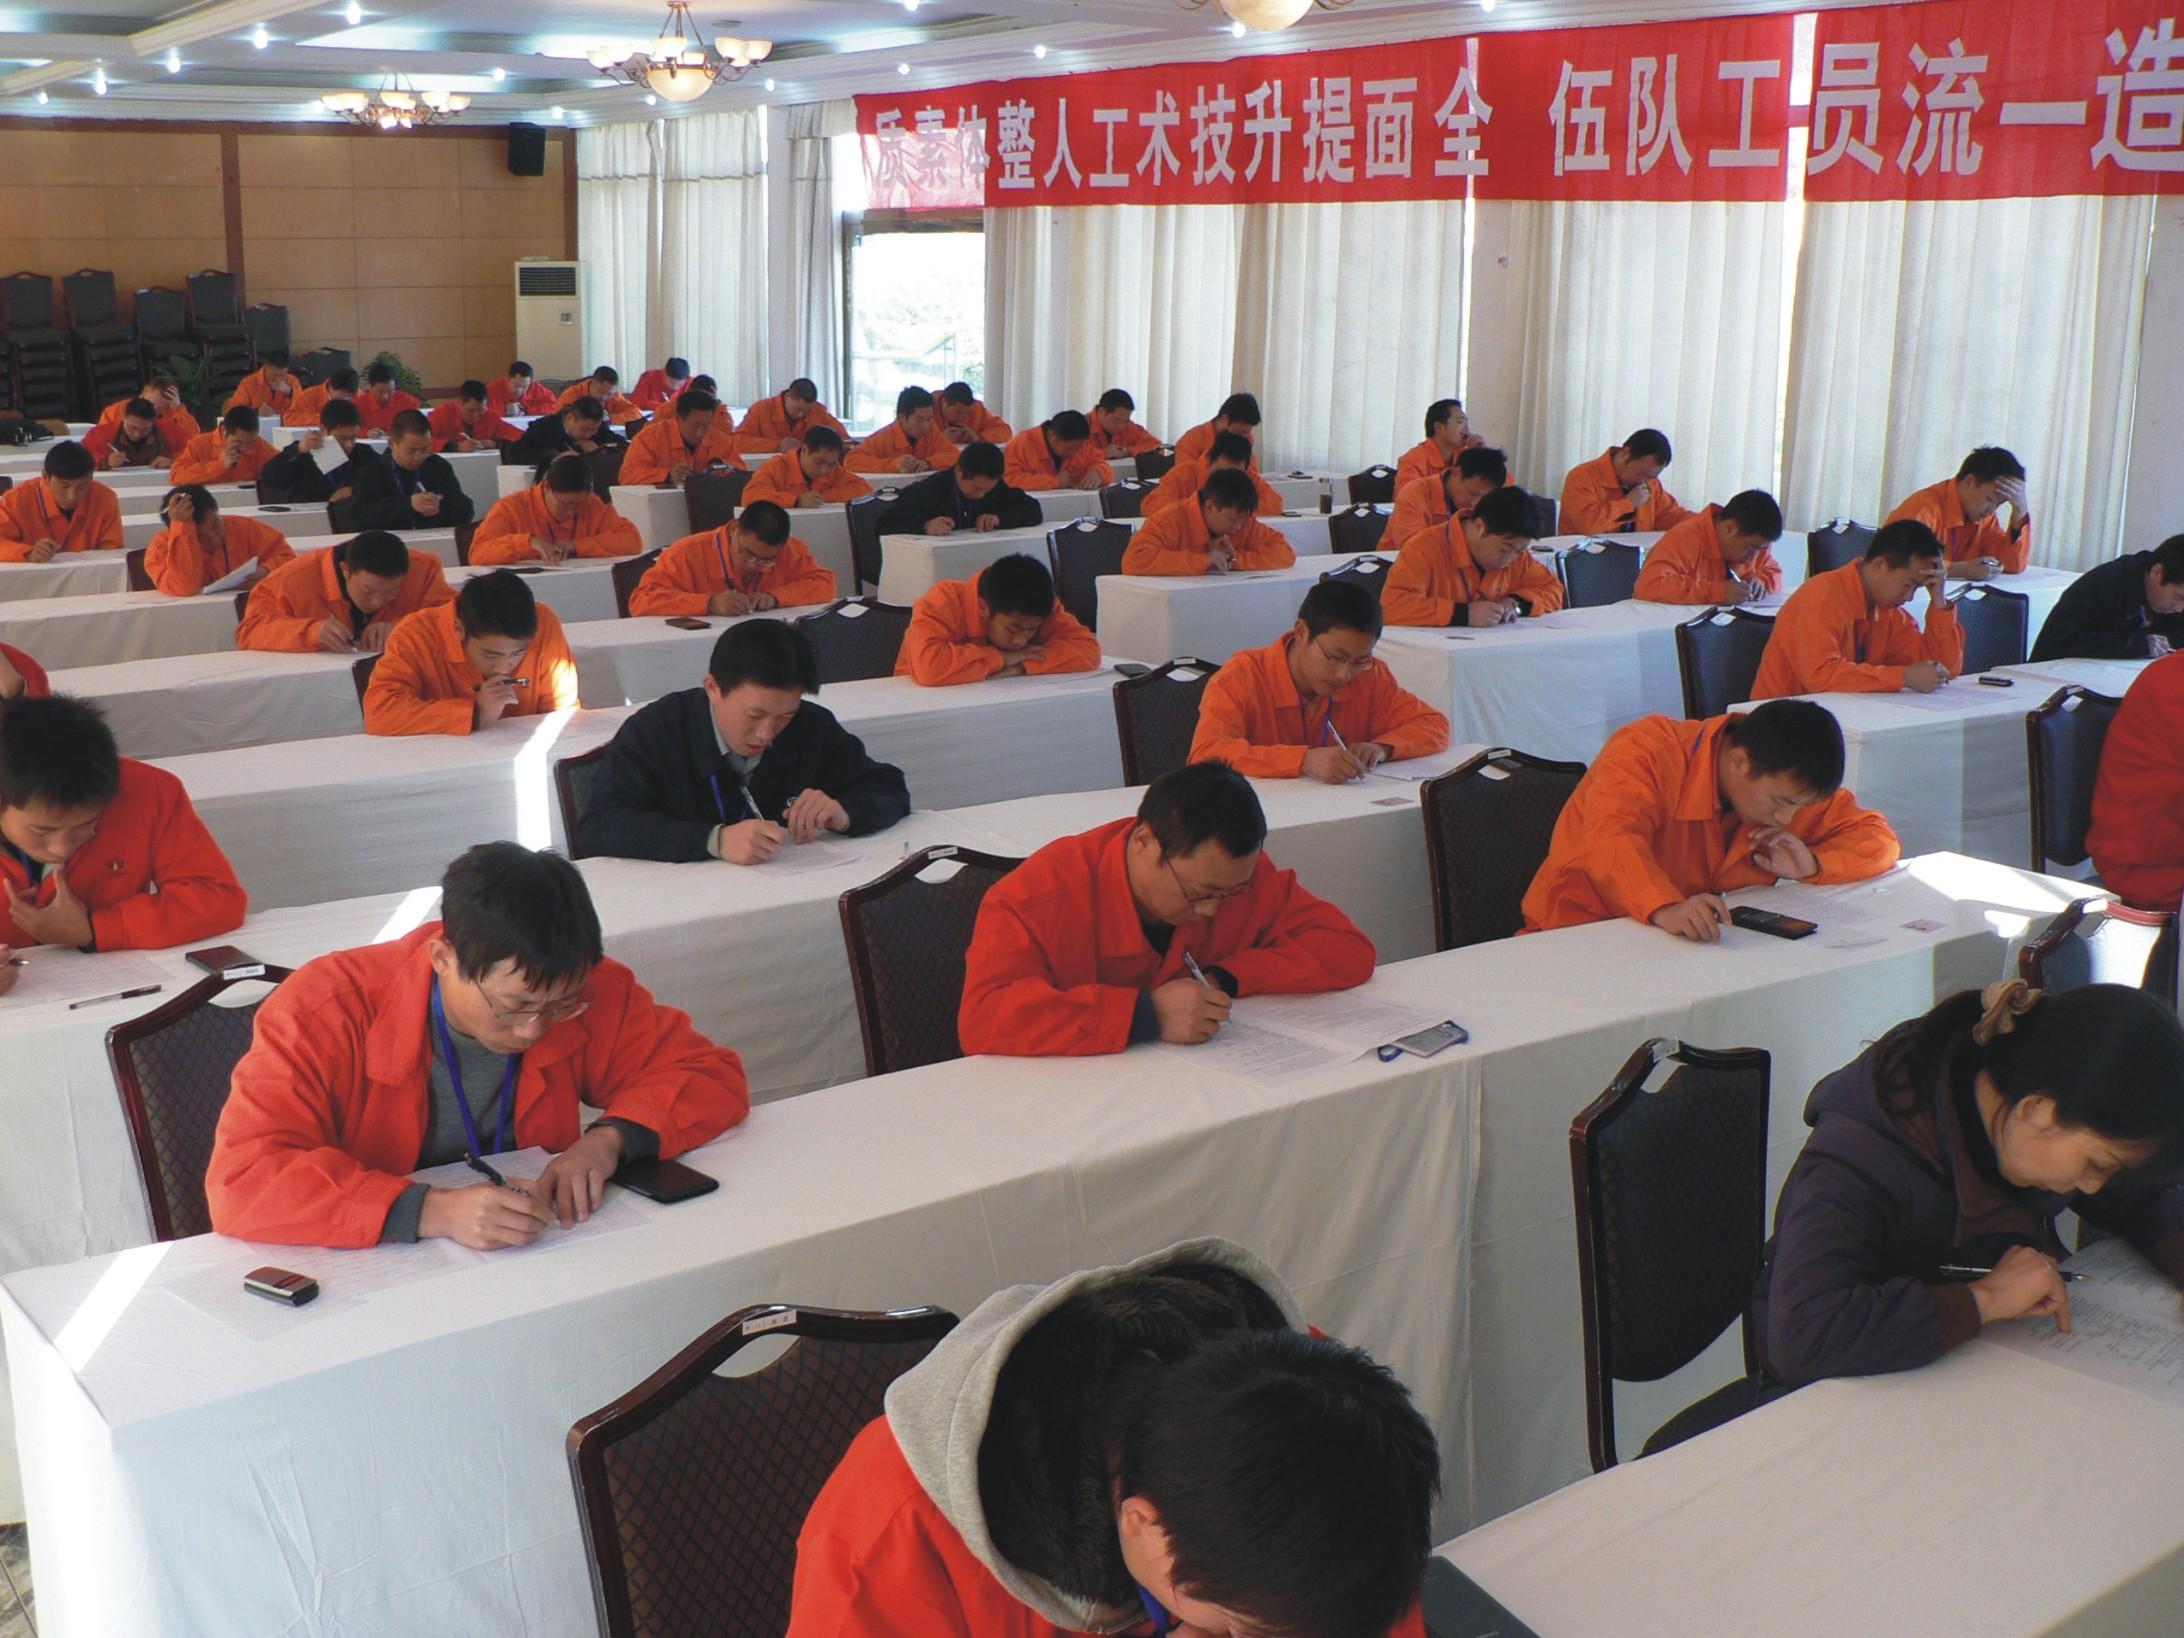 省铁路投资集团公司在成都市委党校举办办公室系统专题培训班